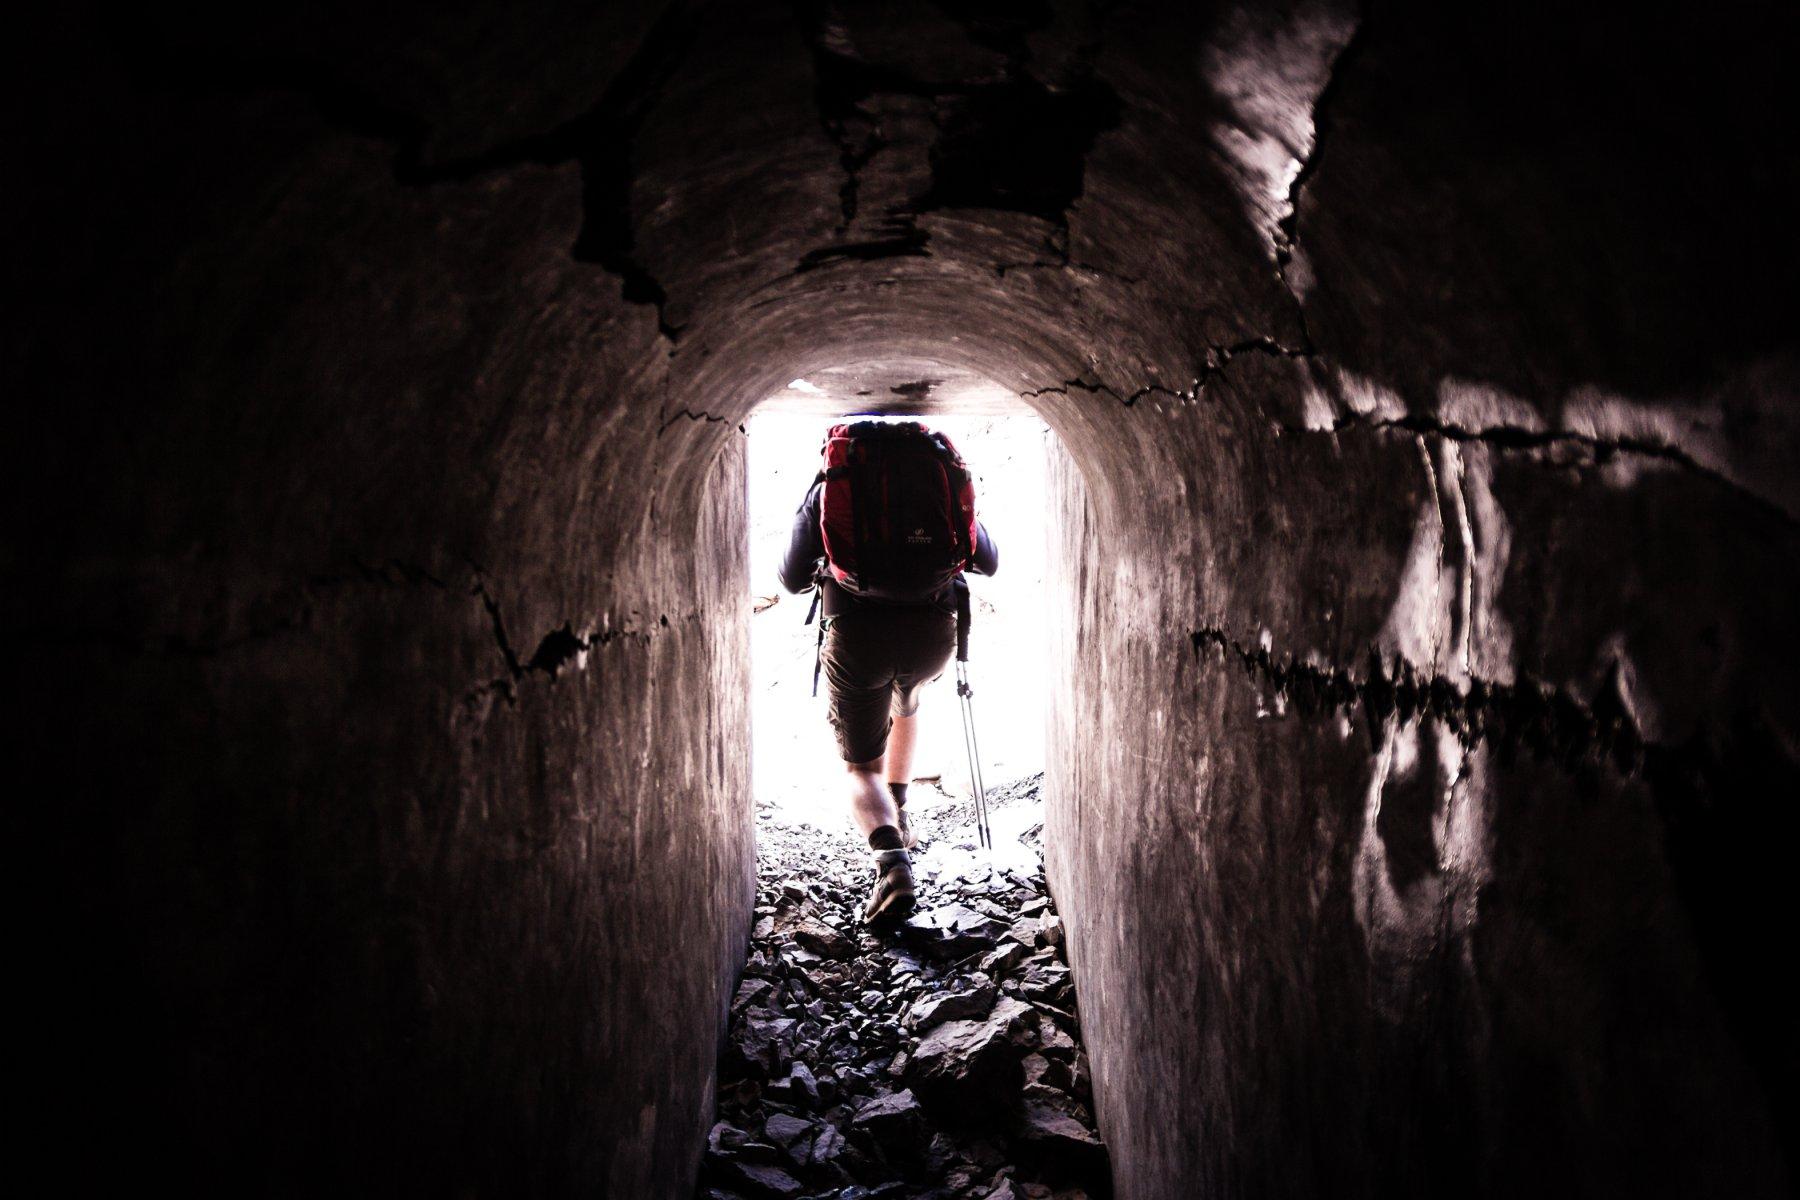 Il passaggio nel tunnel bellico